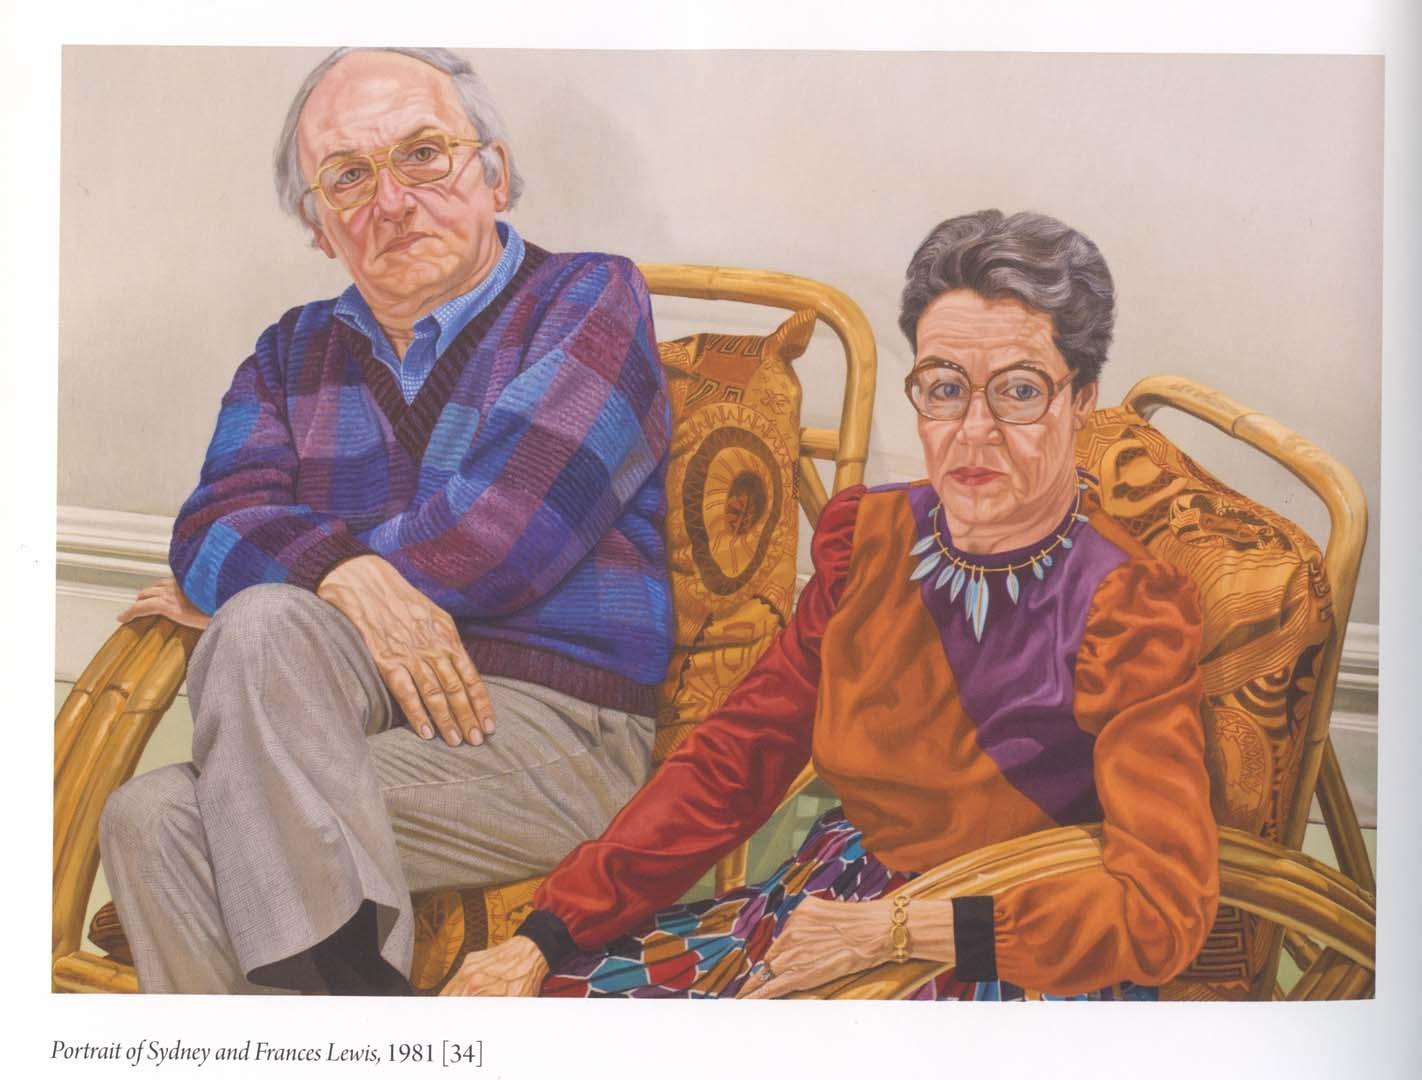 """1980 Portrait of Sydney & Frances Lewis Oil on canvas 60"""" x 84"""""""